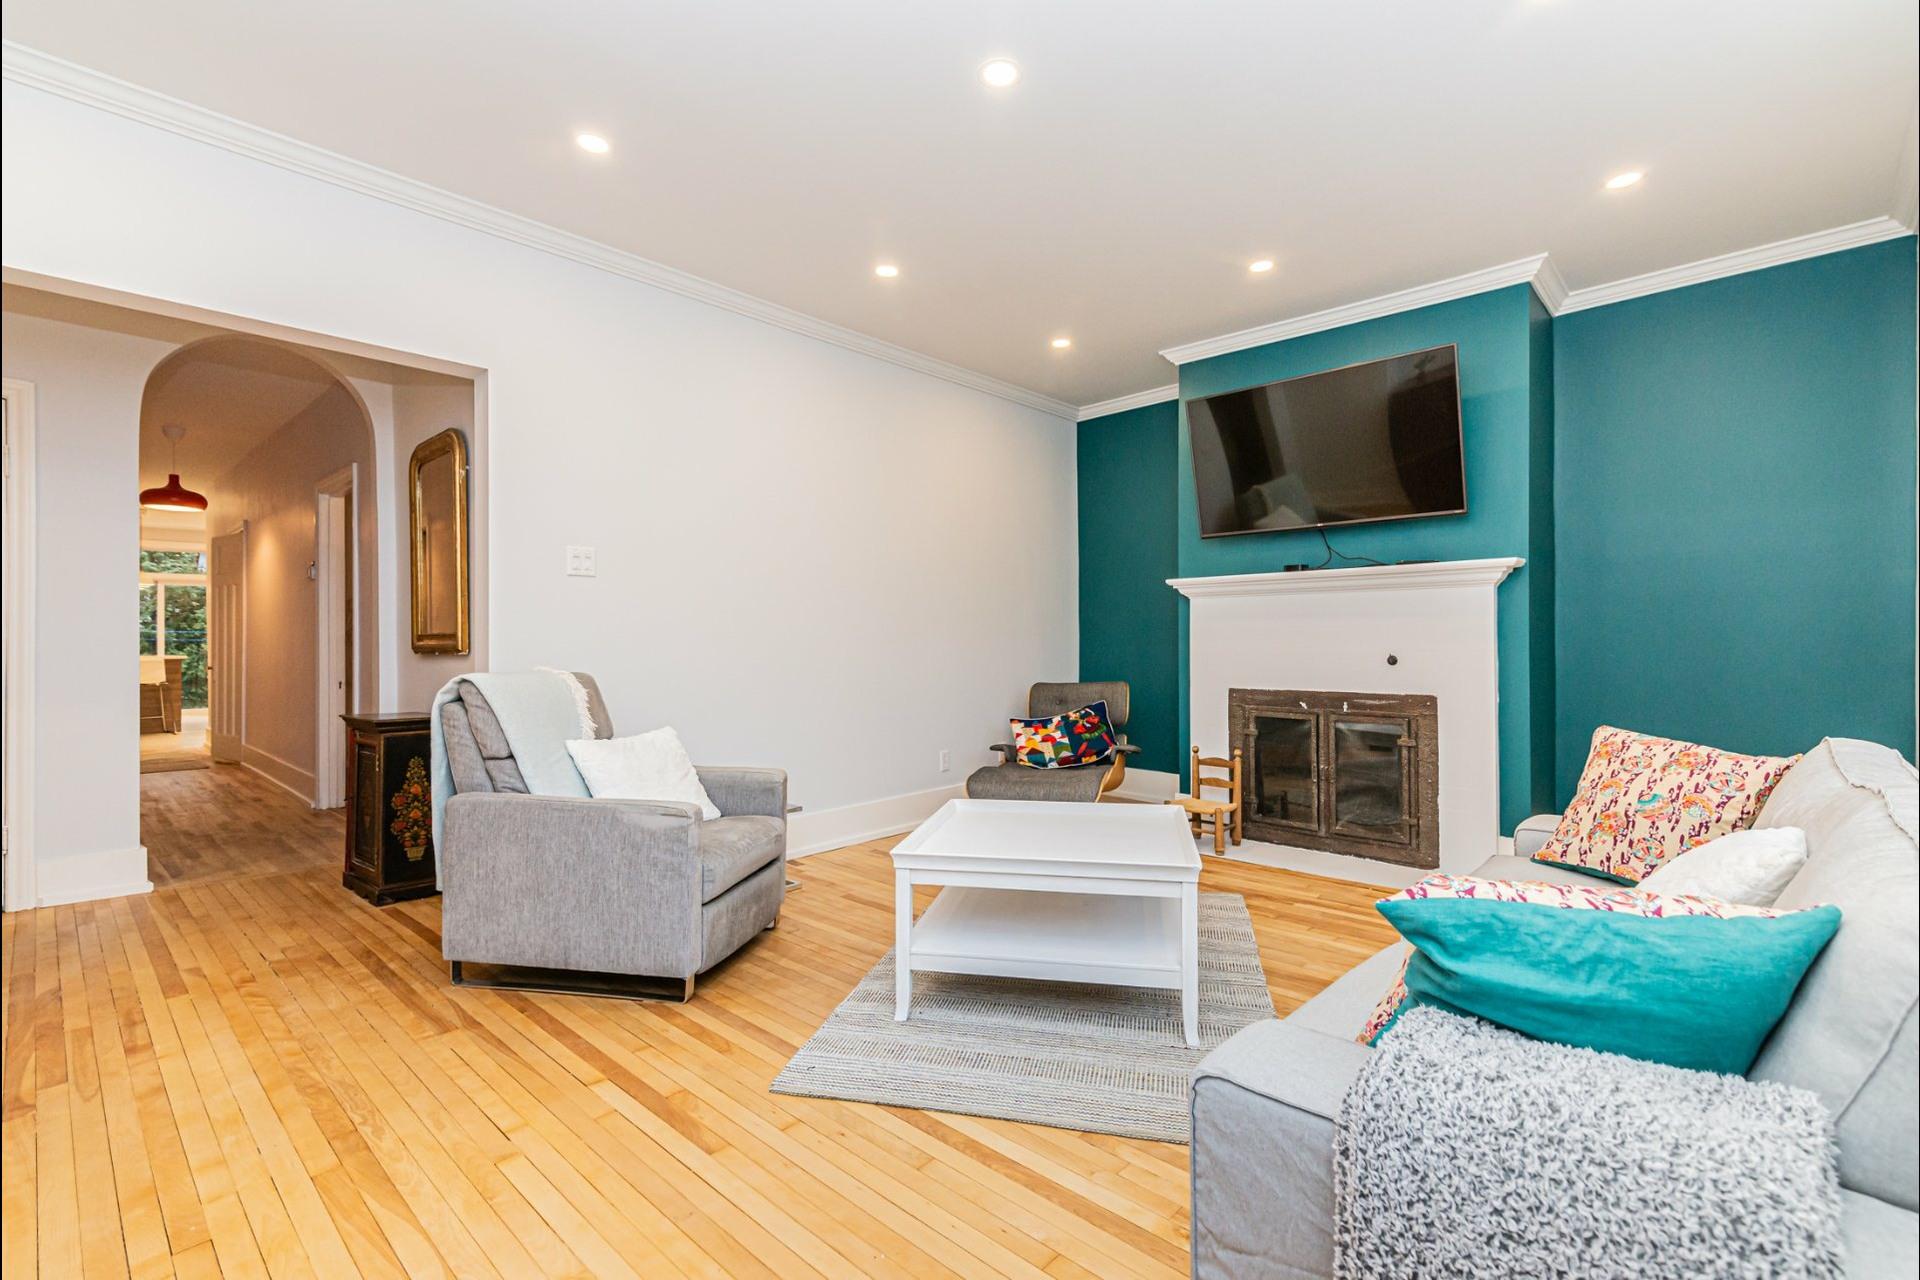 image 4 - Apartment For sale Côte-des-Neiges/Notre-Dame-de-Grâce Montréal  - 10 rooms